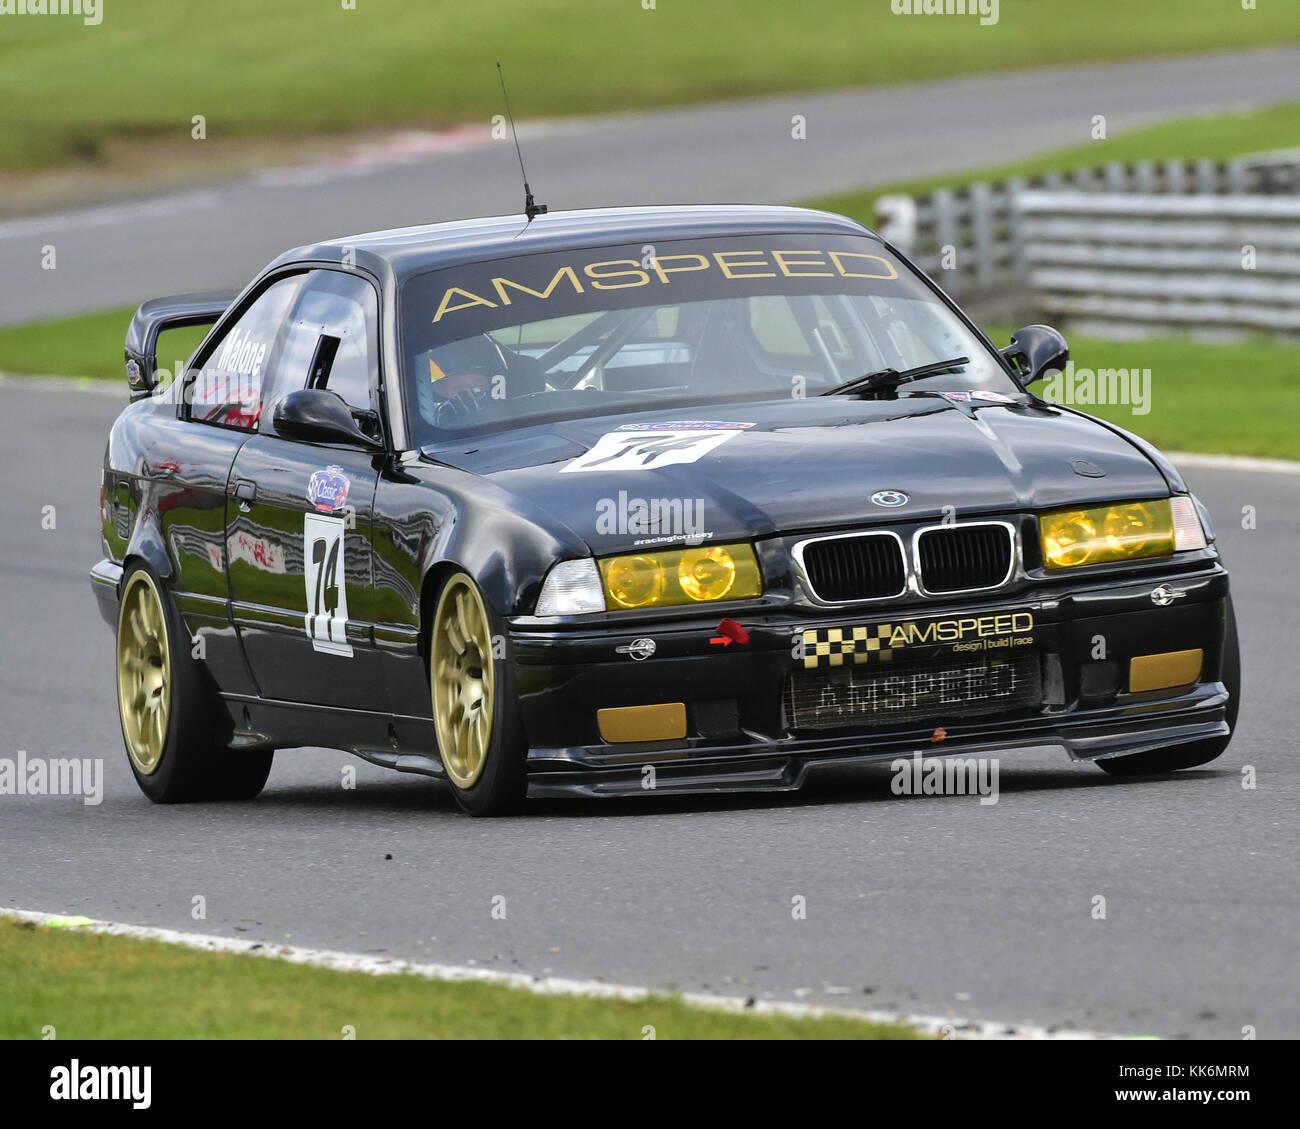 1997 Bmw M3: Bmw M3 E36 Stock Photos & Bmw M3 E36 Stock Images